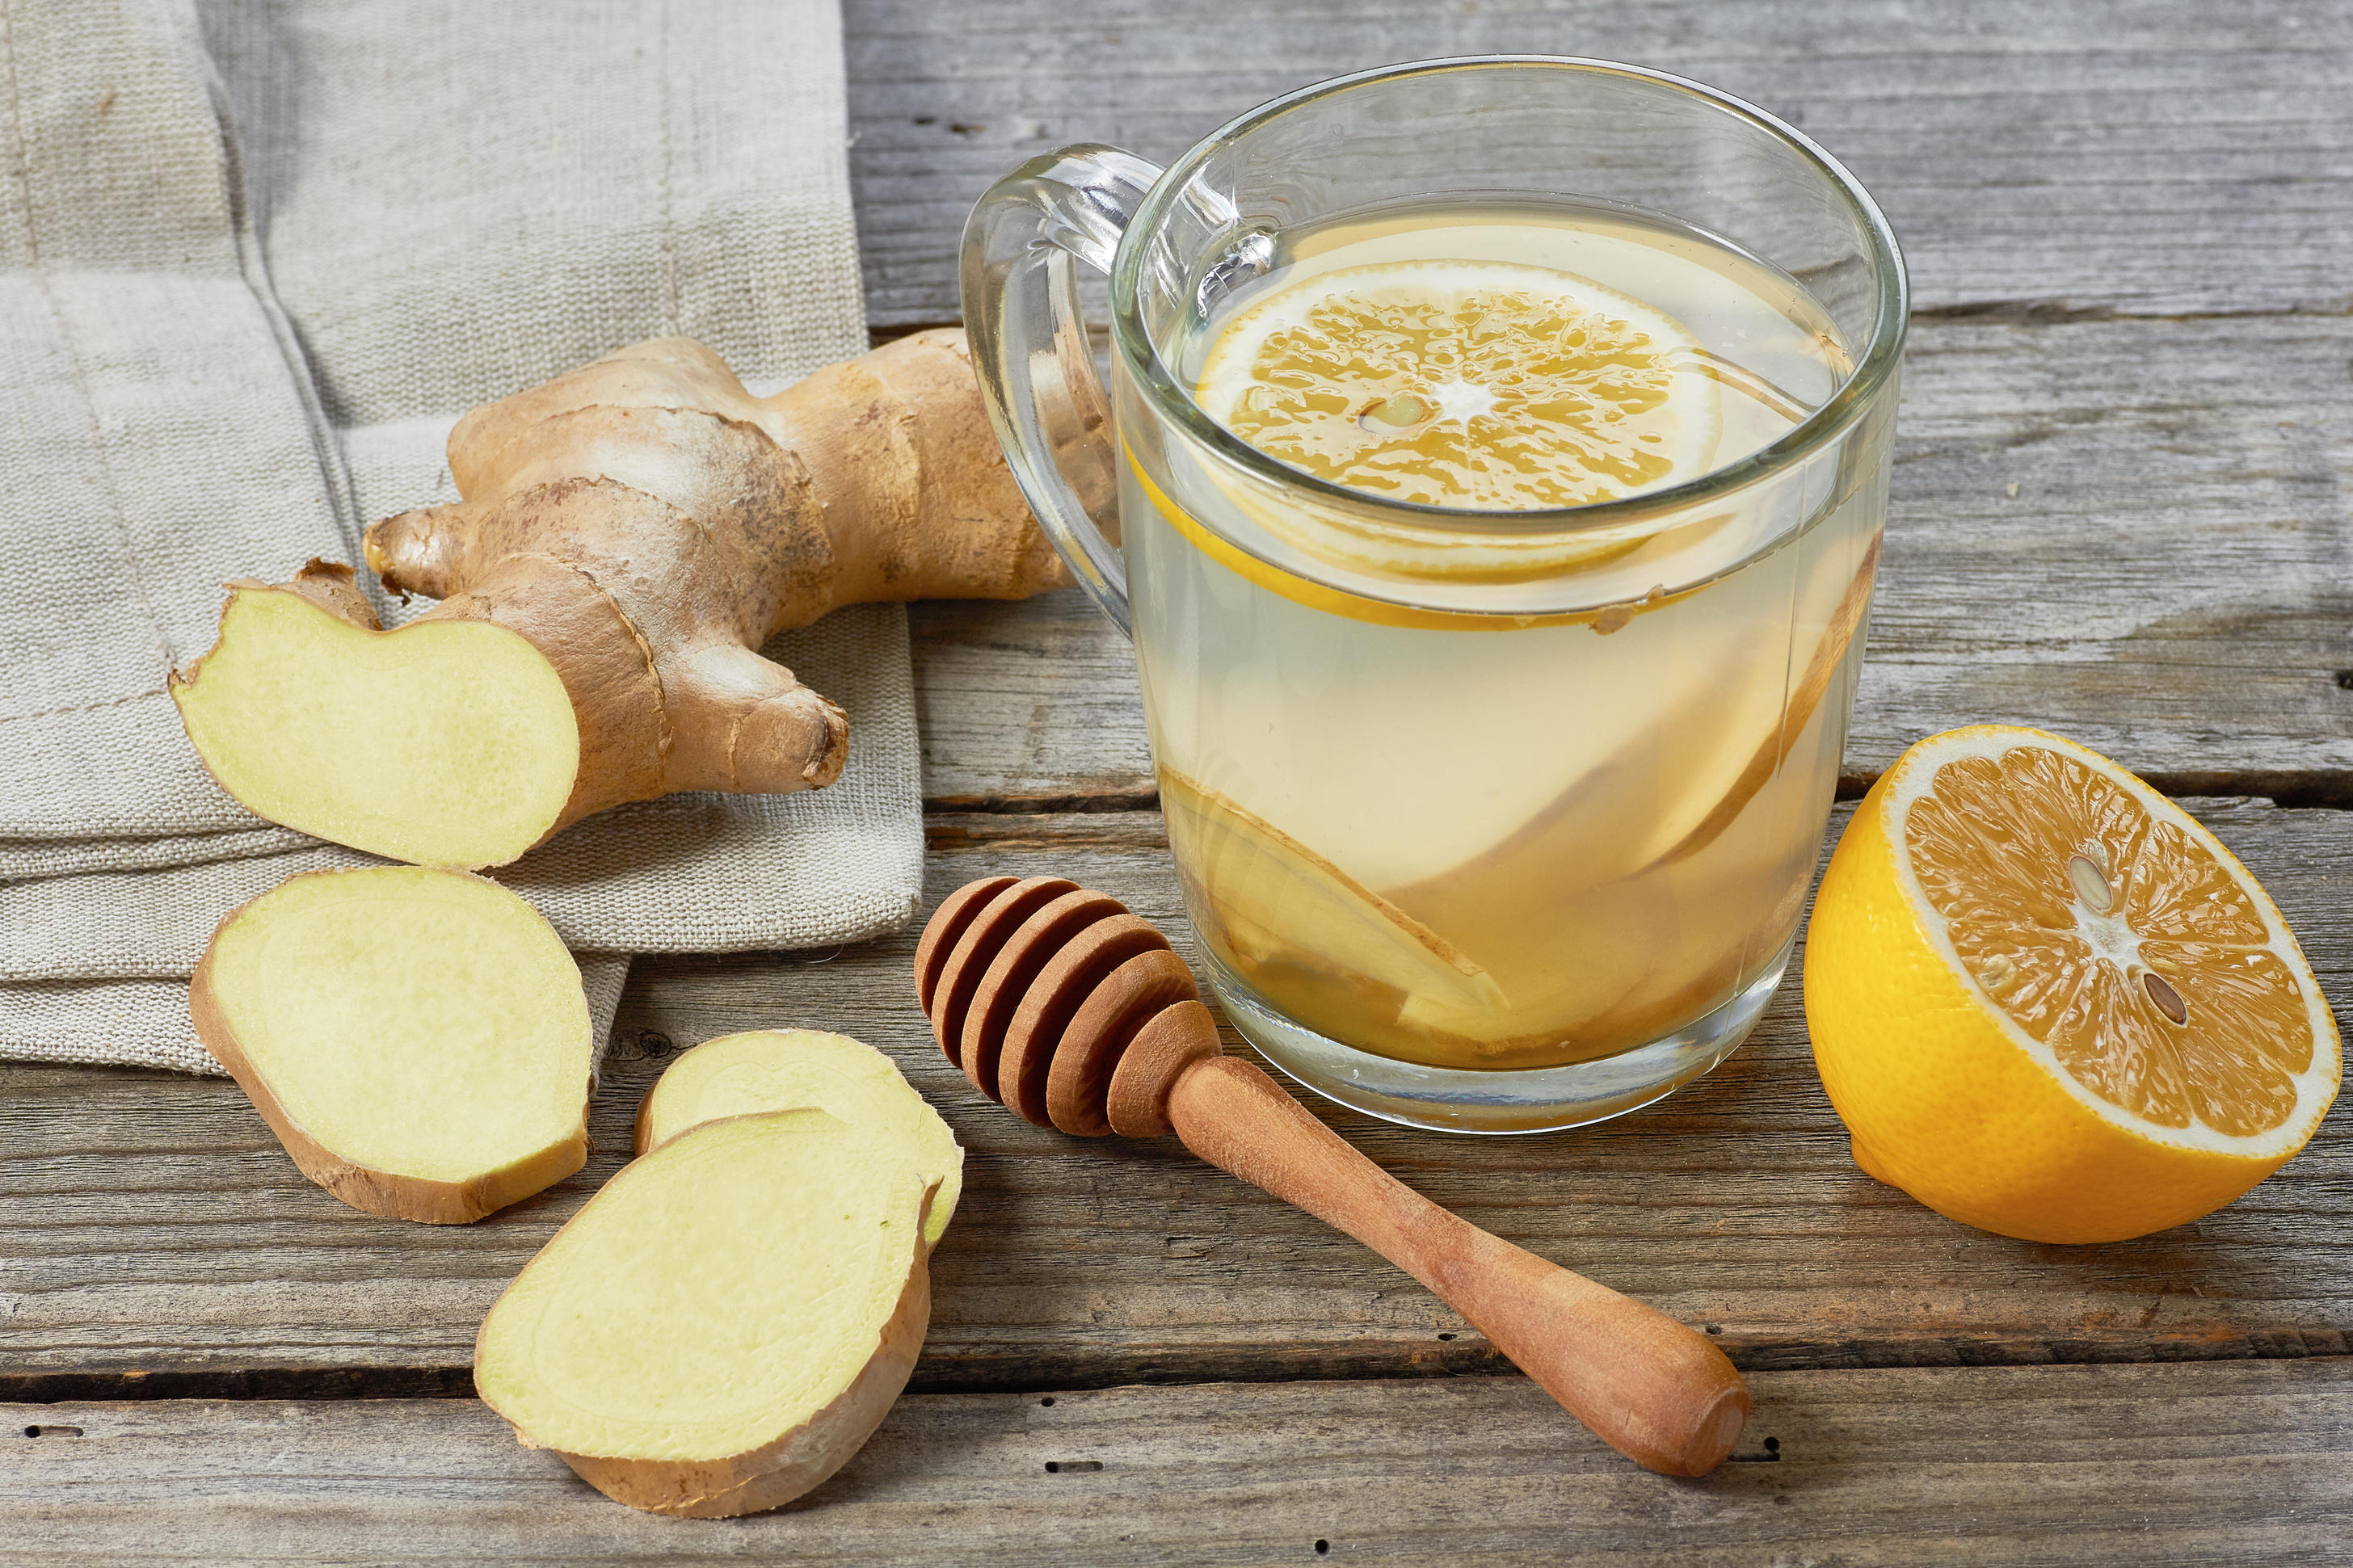 Корица: ароматная специя, лекарство и средство для снижения веса